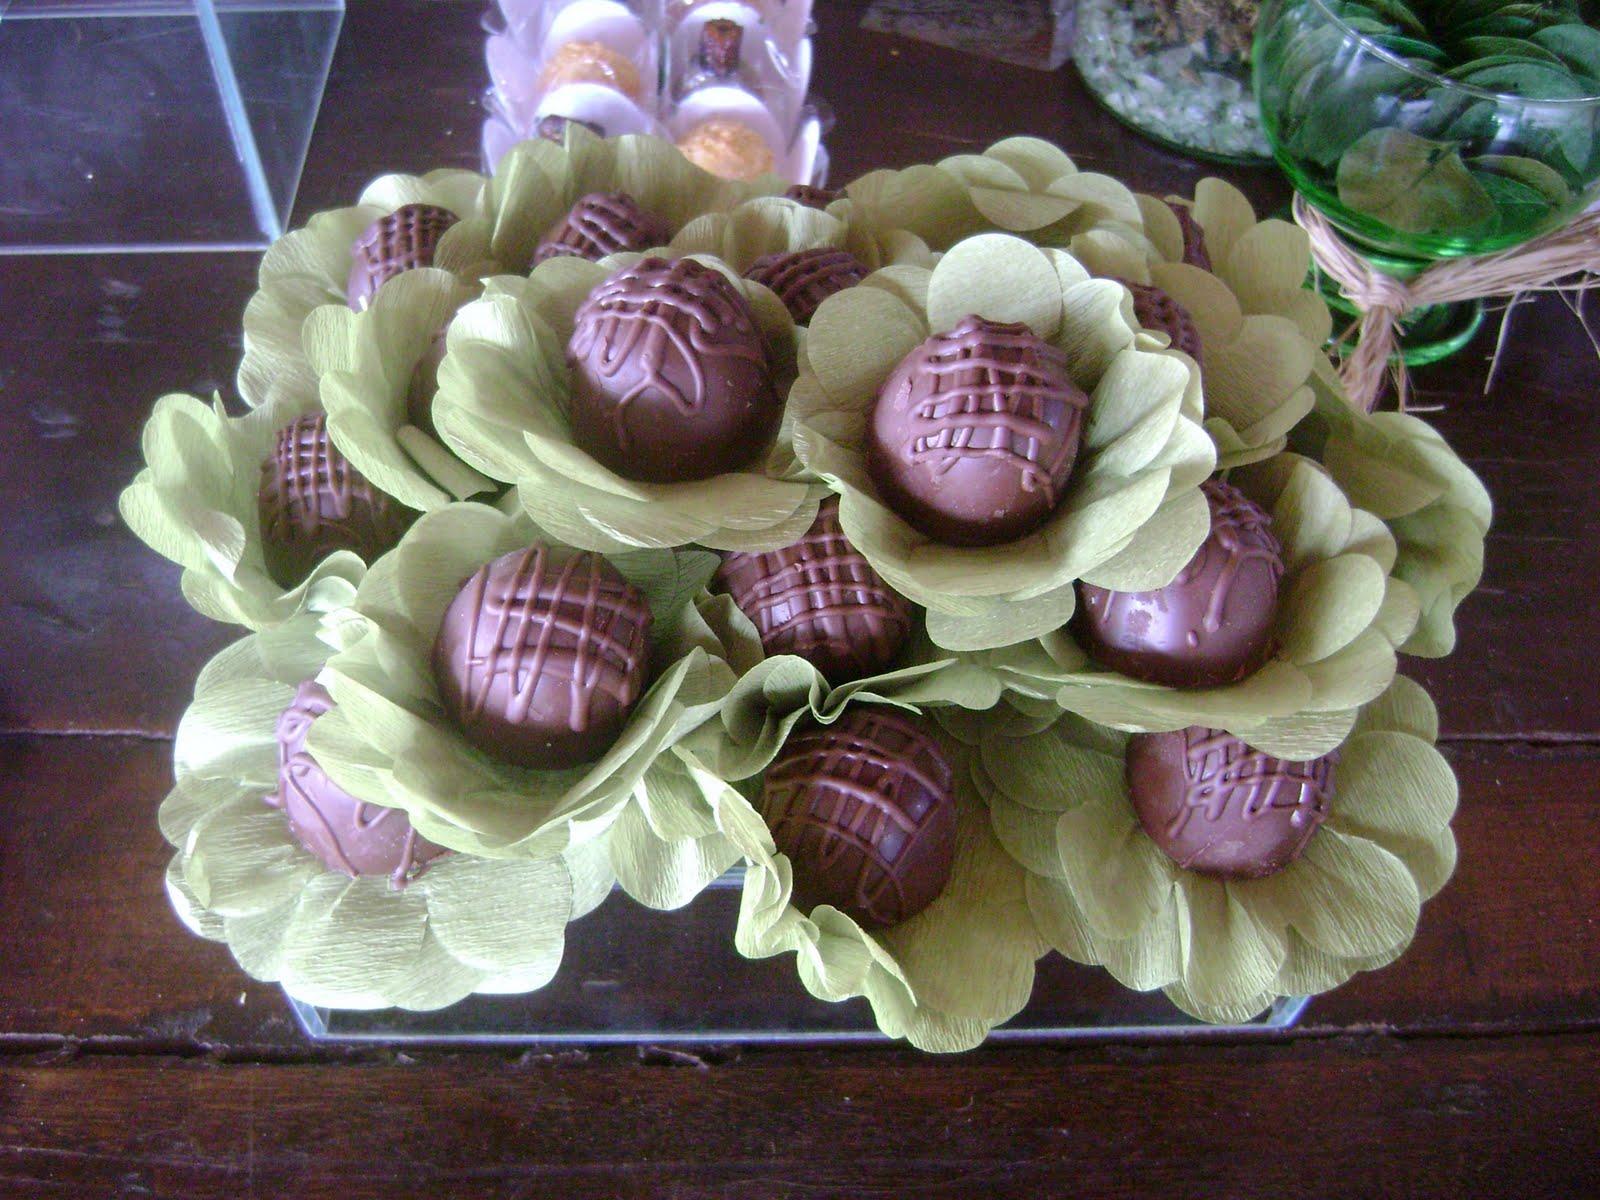 #714C7F Michelle Lecce Bolos Doces e Chocolates: Aniversário 70 anos do  1600x1200 px Projetar Minha Cozinha_886 Imagens